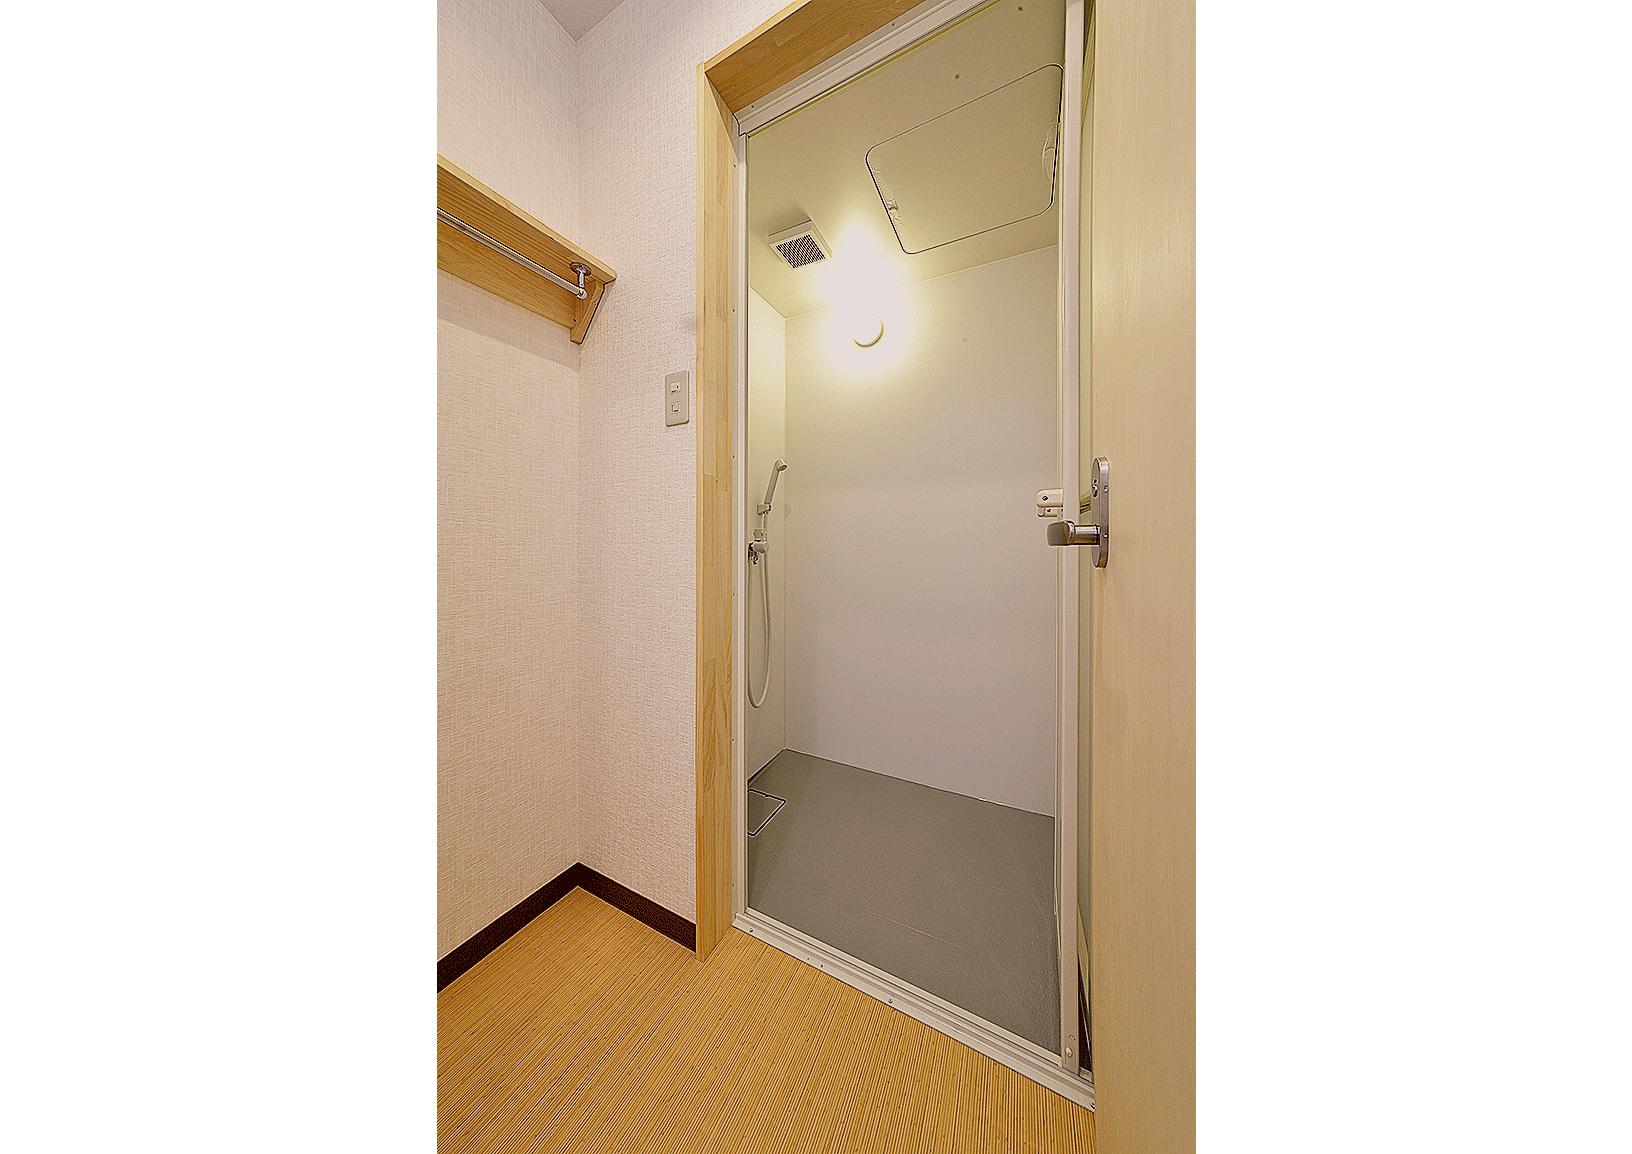 シャワールームの写真 | 長野県のゲストハウス・ホステル ZEN hostal